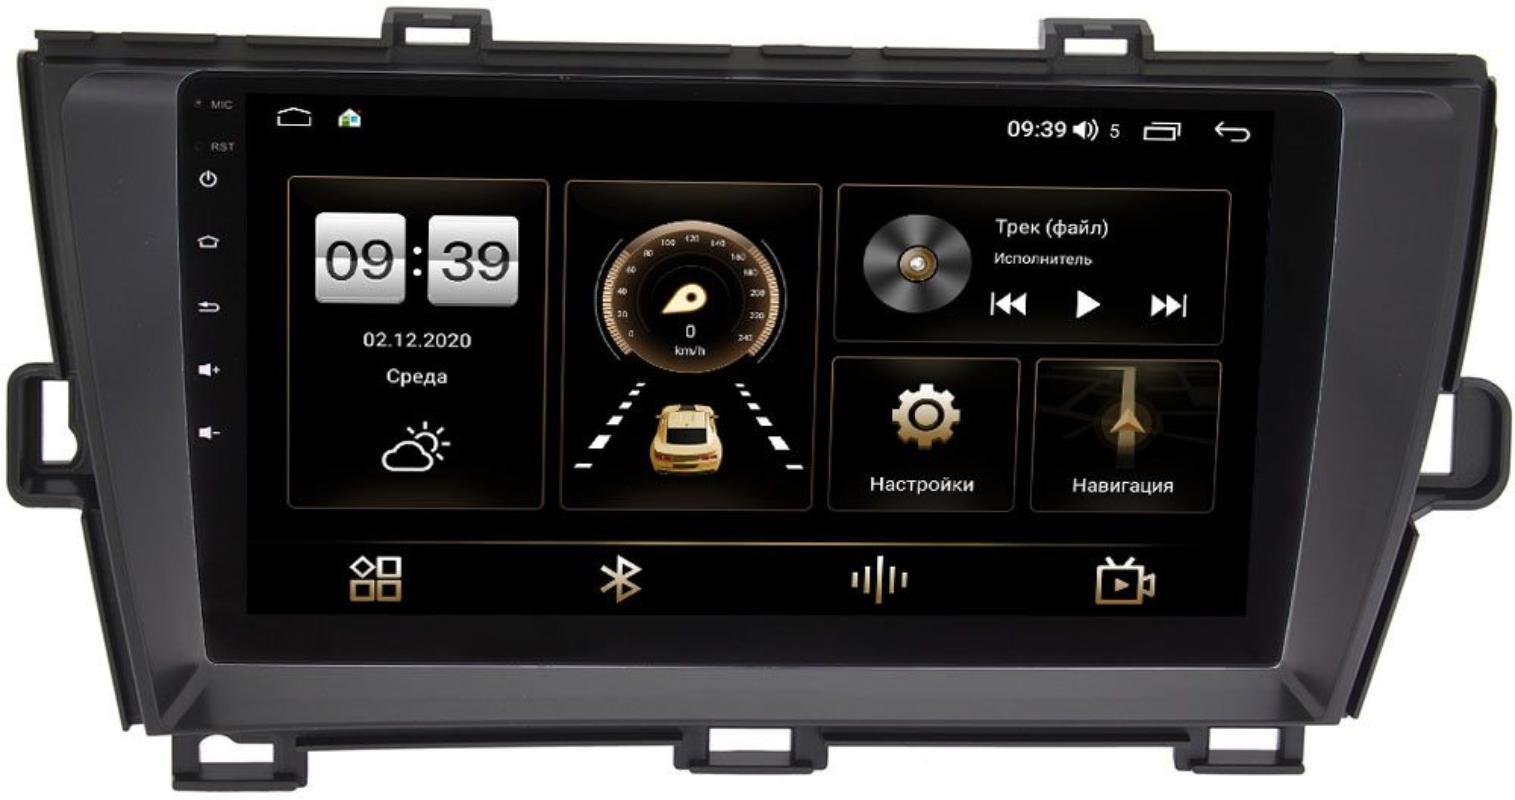 Штатная магнитола LeTrun 4166-9-195 для Toyota Prius III (XW30) 2009-2015 (правый руль) на Android 10 (4G-SIM, 3/32, DSP, QLed) (+ Камера заднего вида в подарок!)